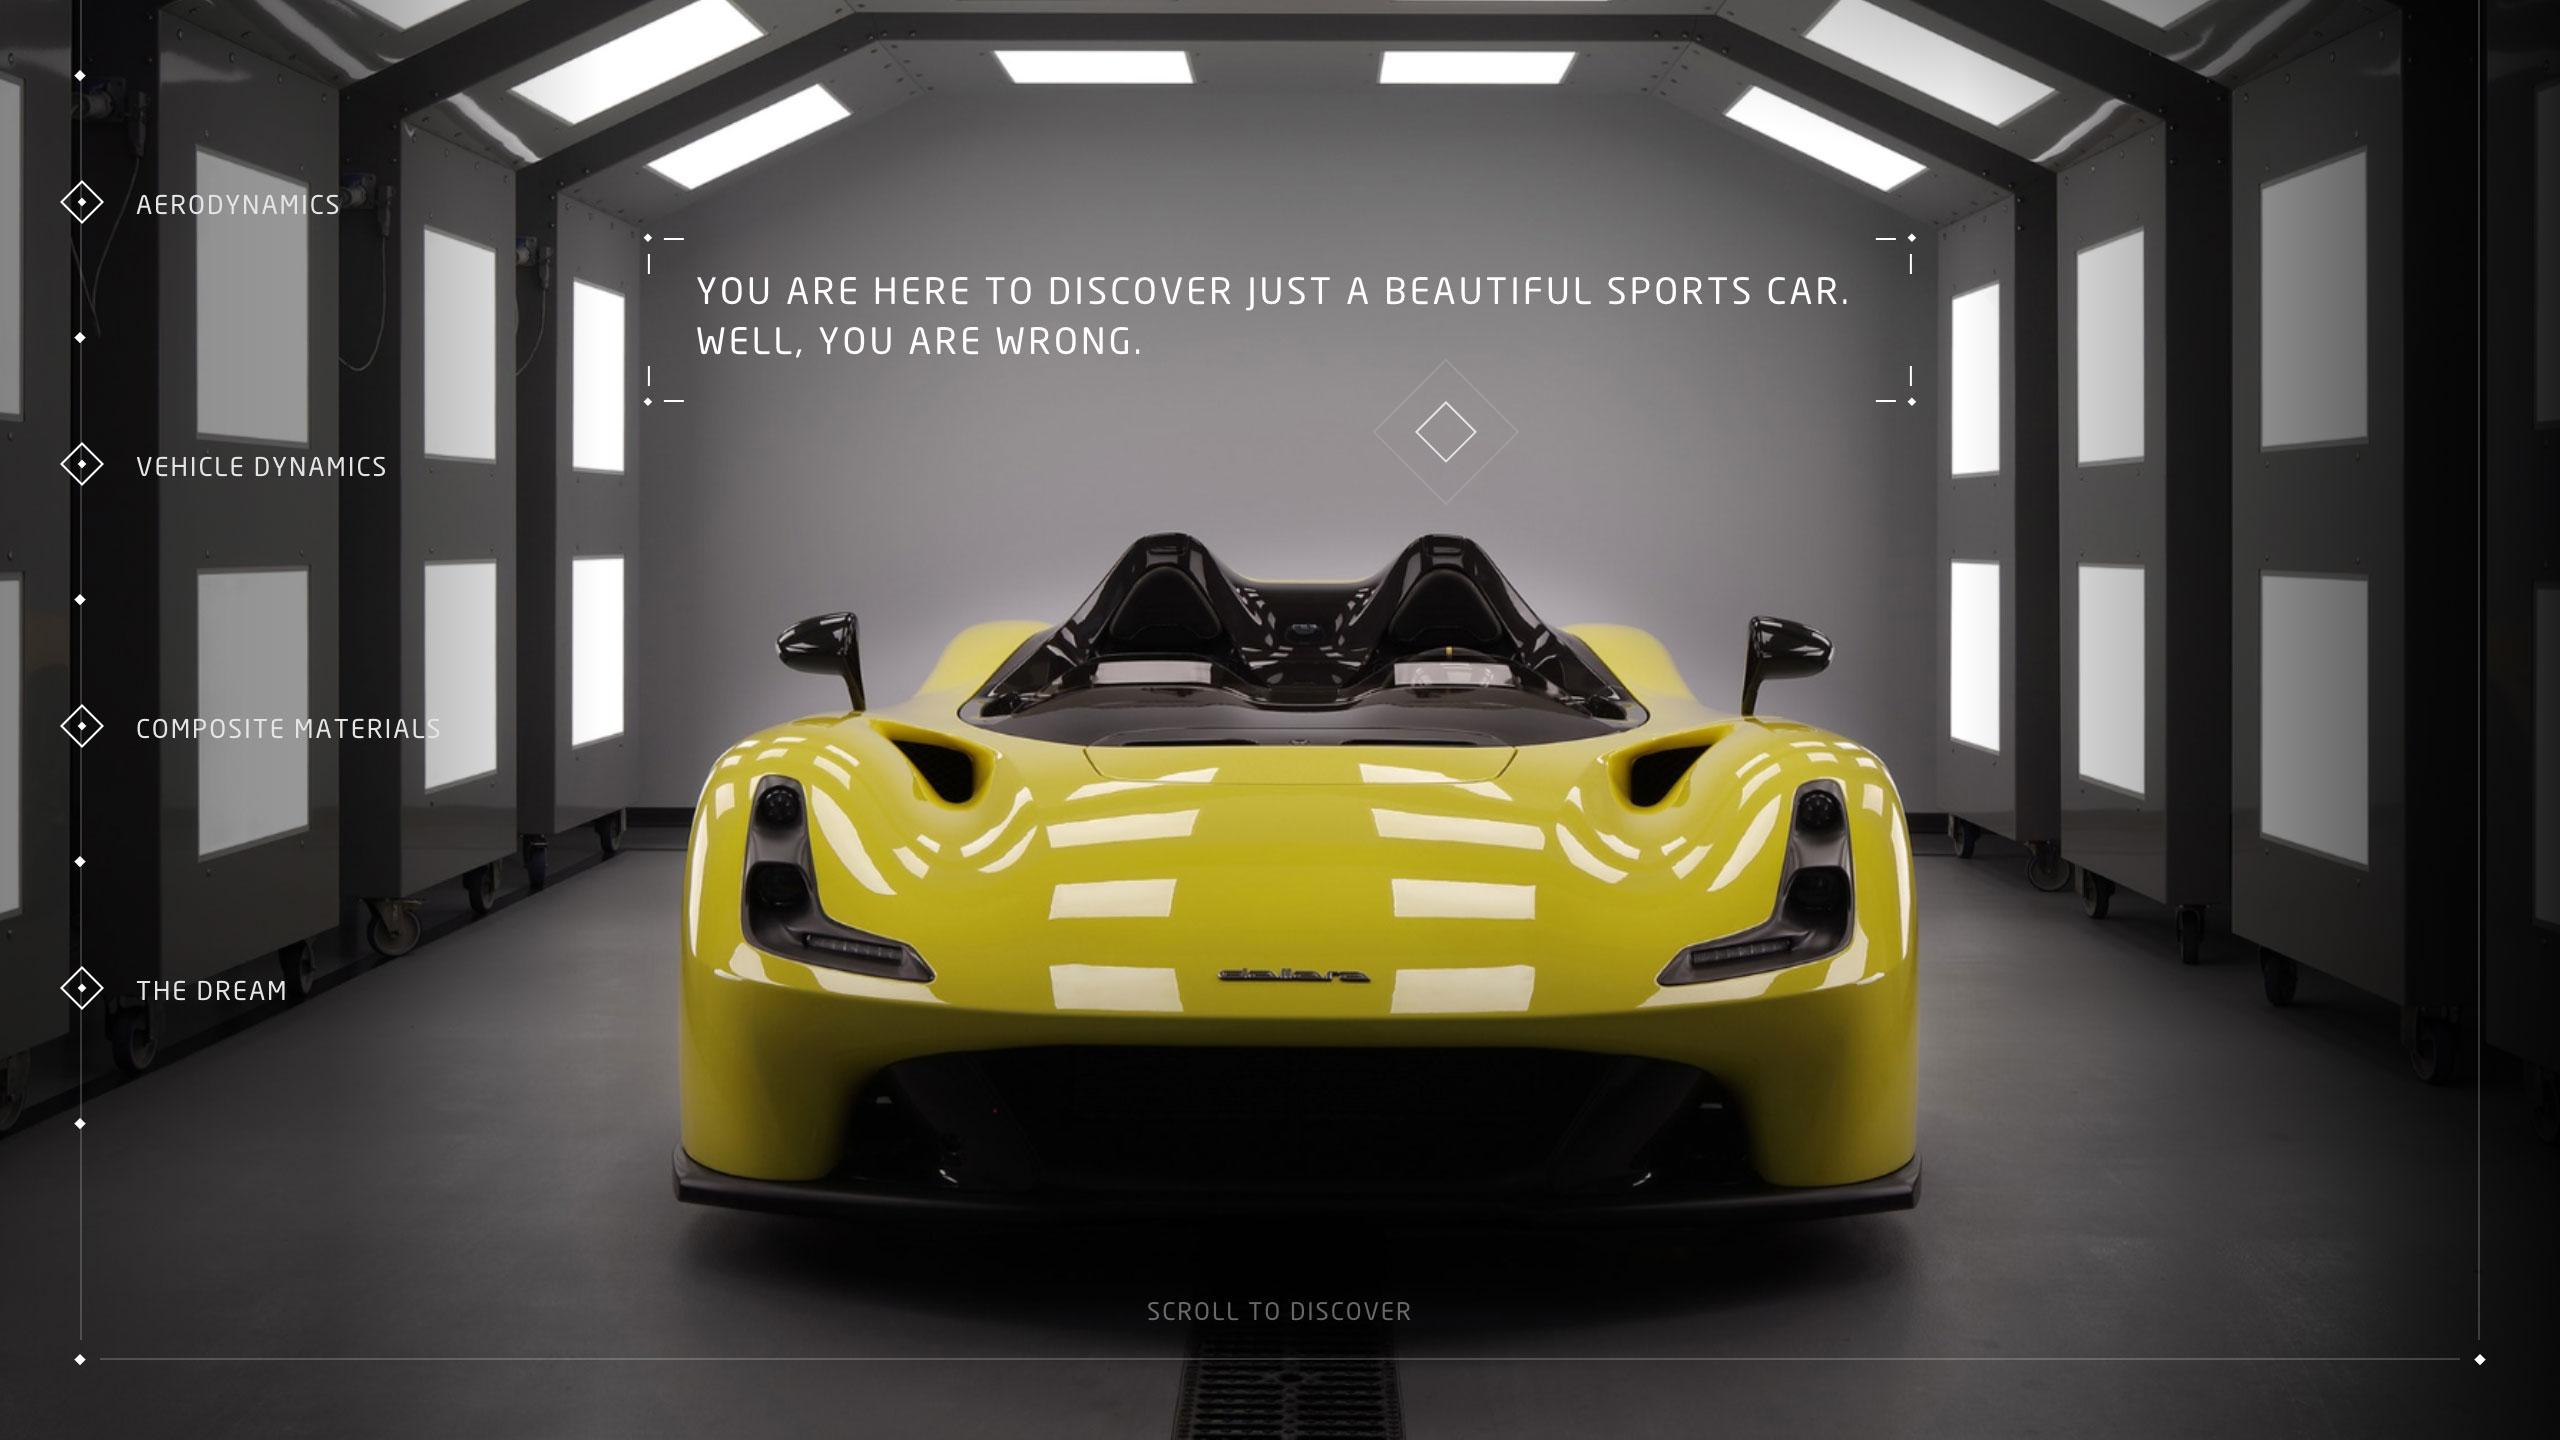 18个汽车类相关网站设计欣赏